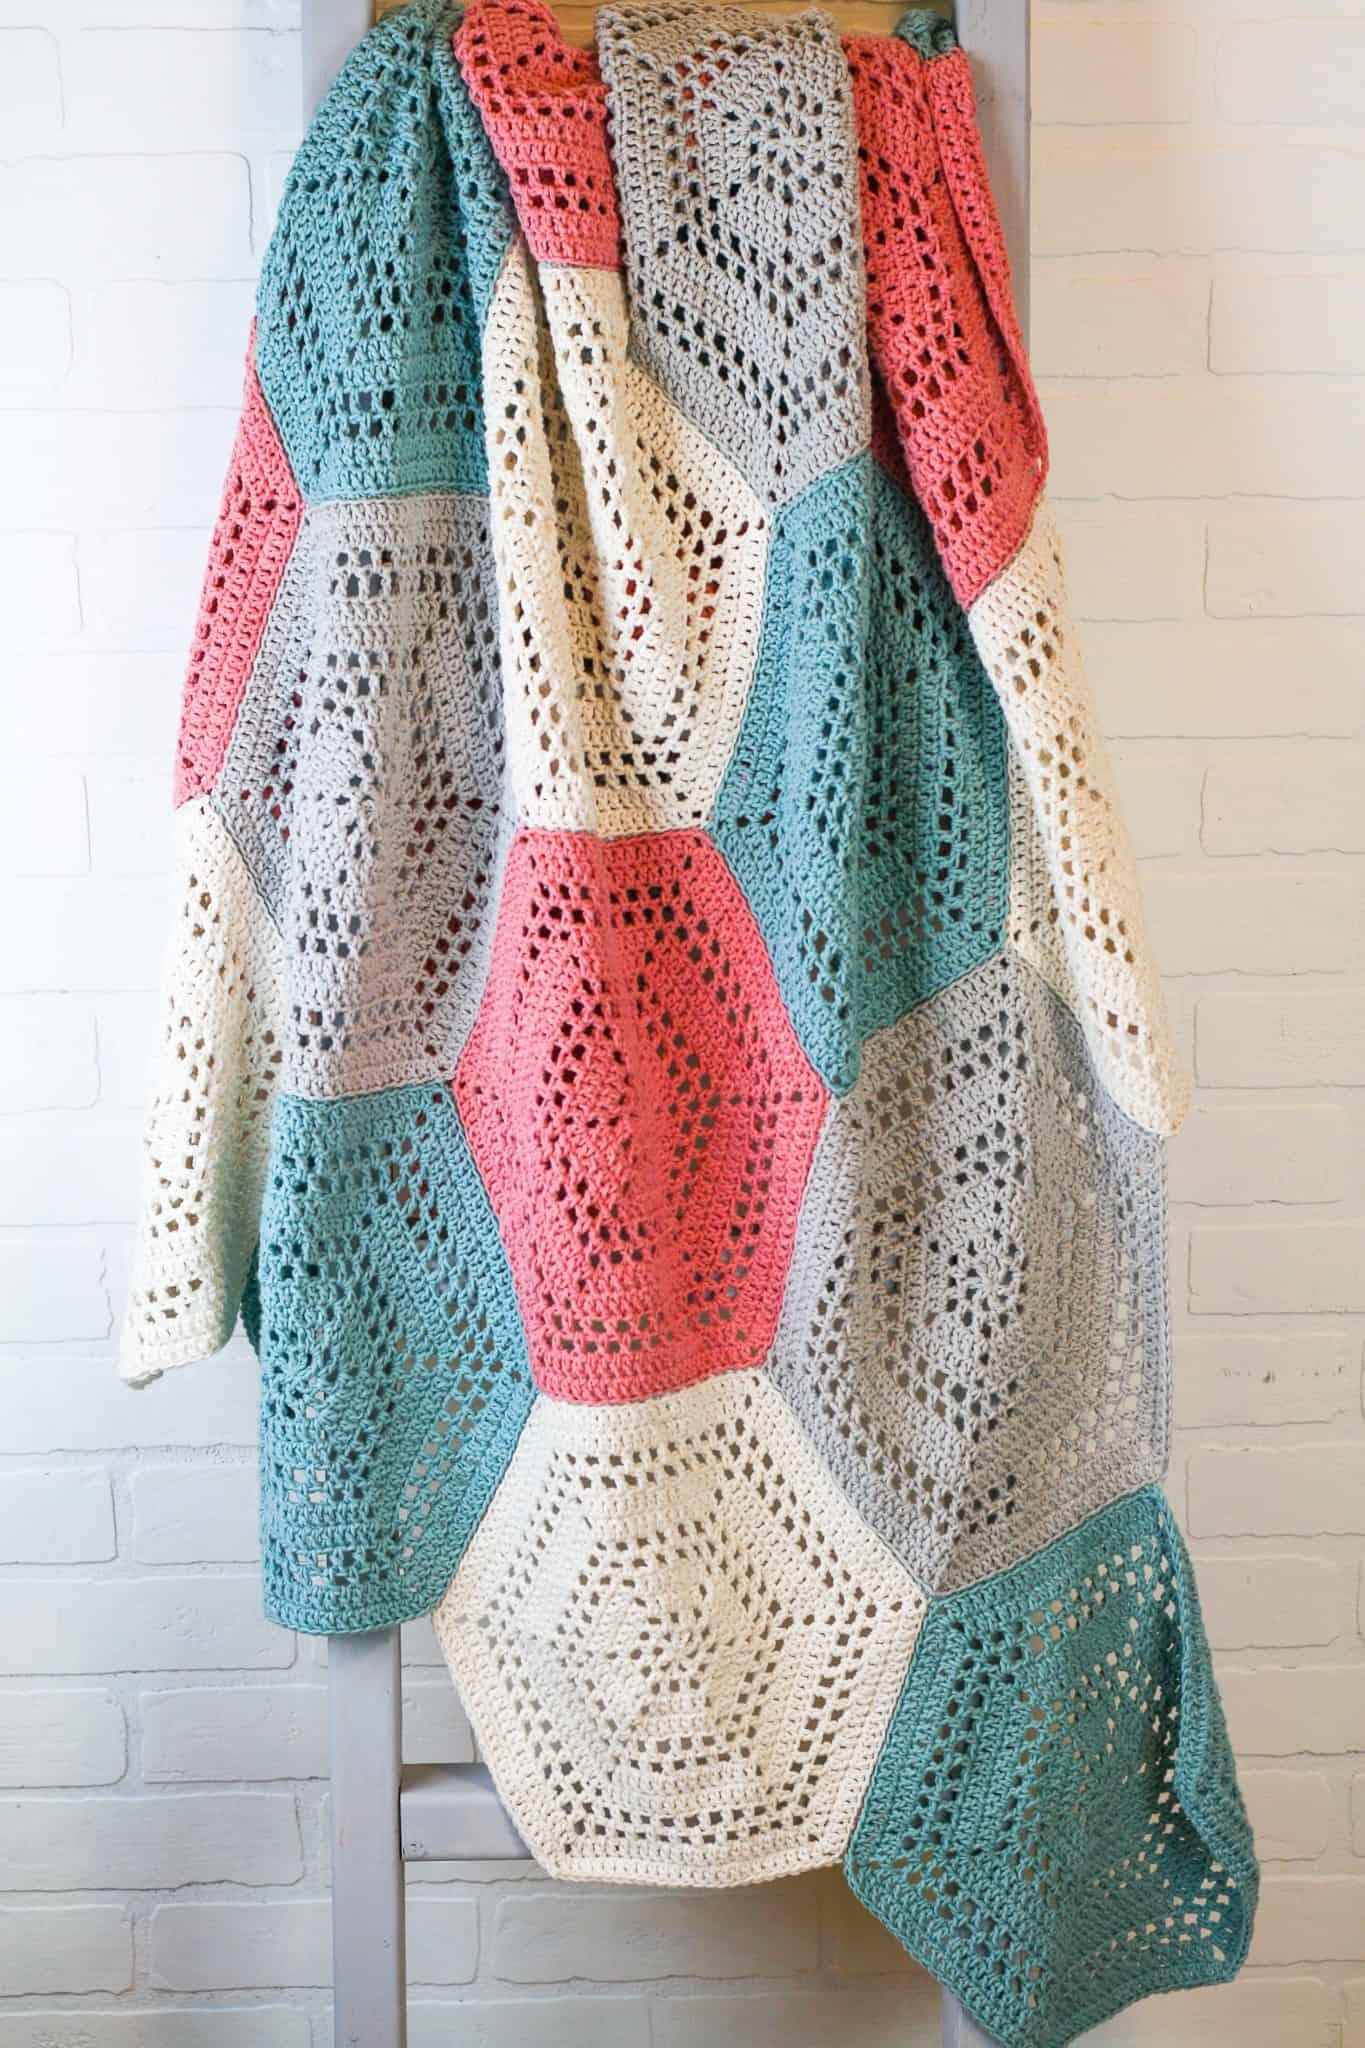 How to Crochet a Hexagon Blanket - Winding Road Crochet